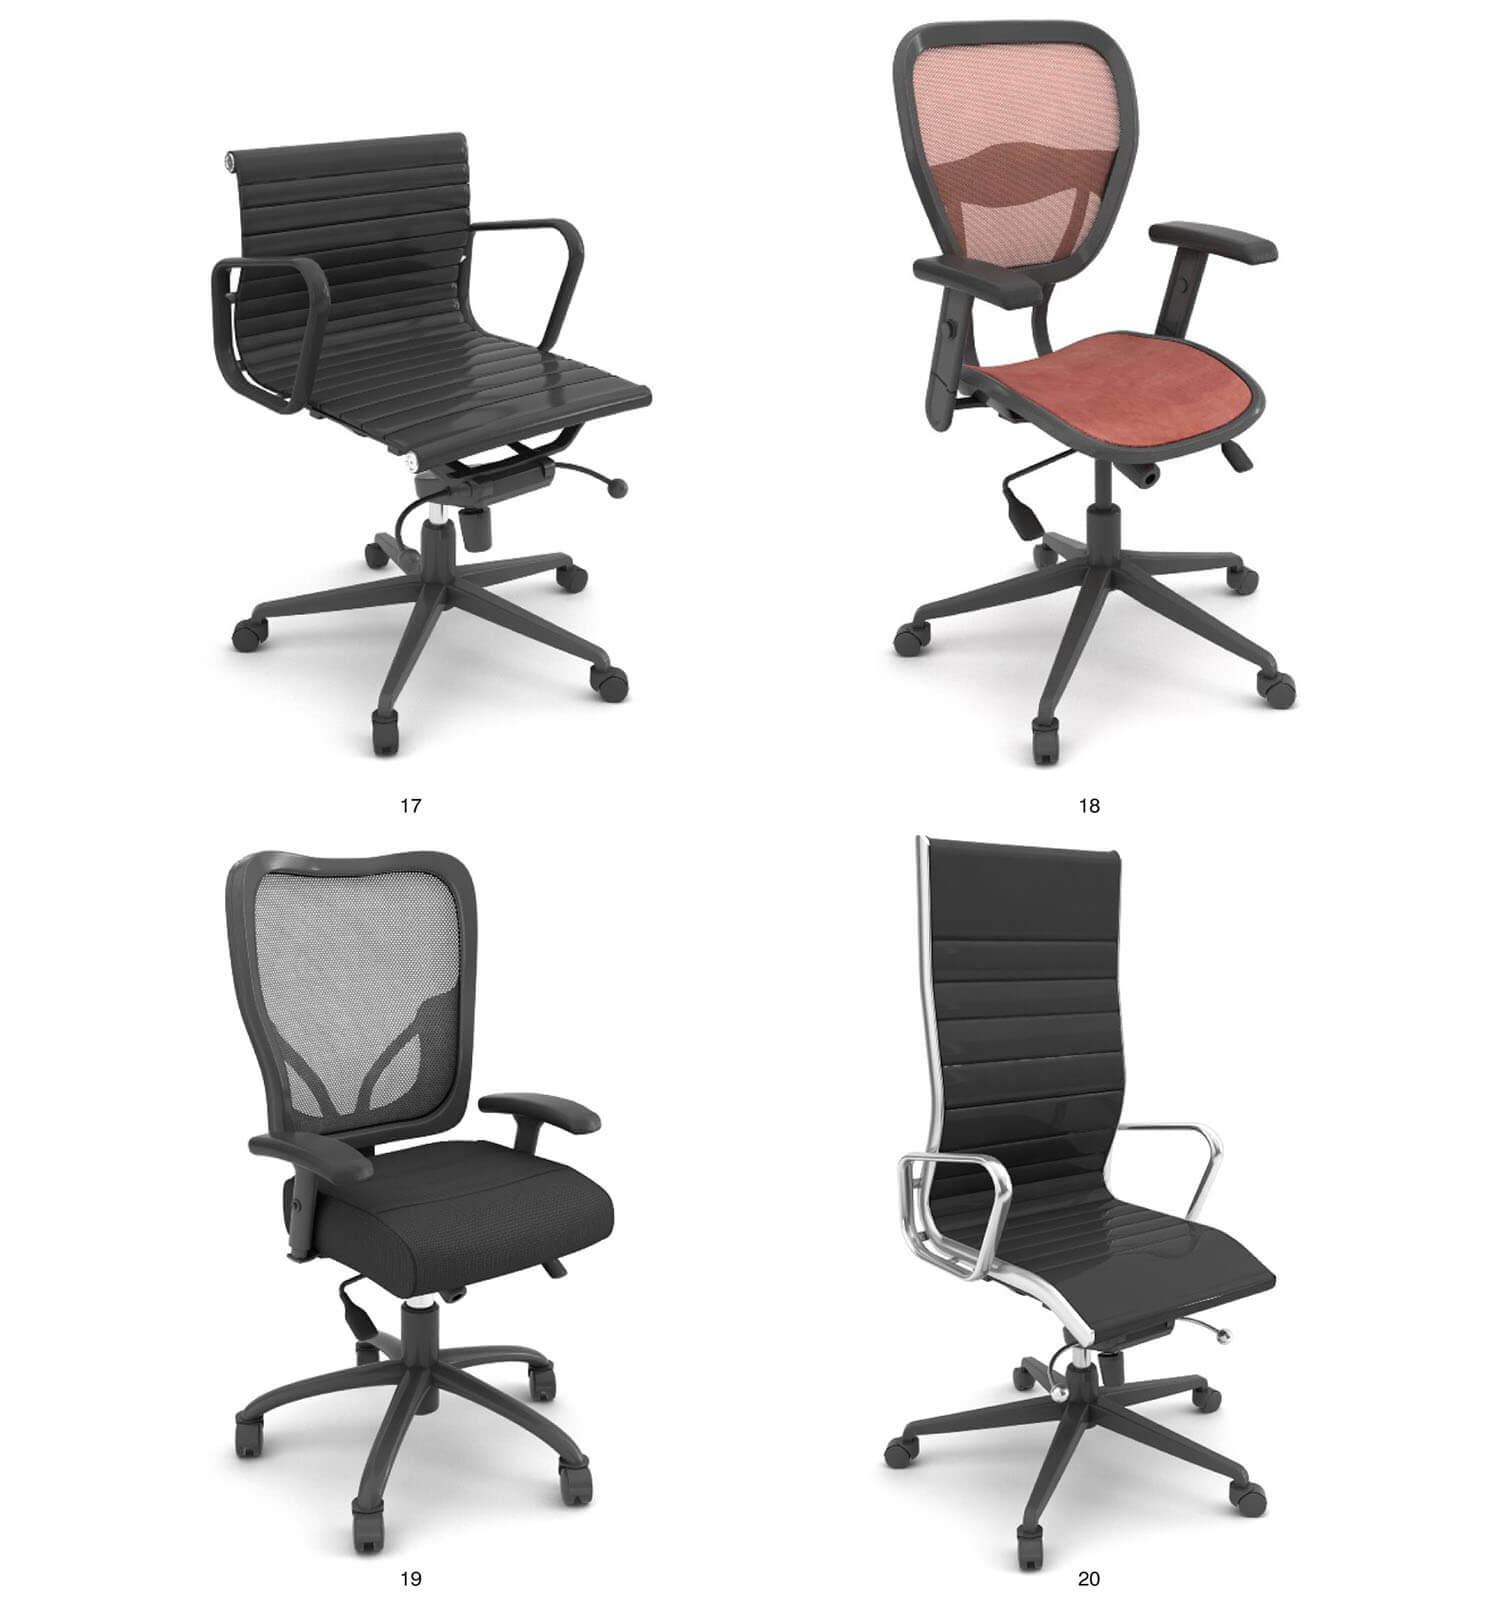 Các mẫu ghế xoay kiểu dáng đơn giản thích hợp cho văn phòng làm việc